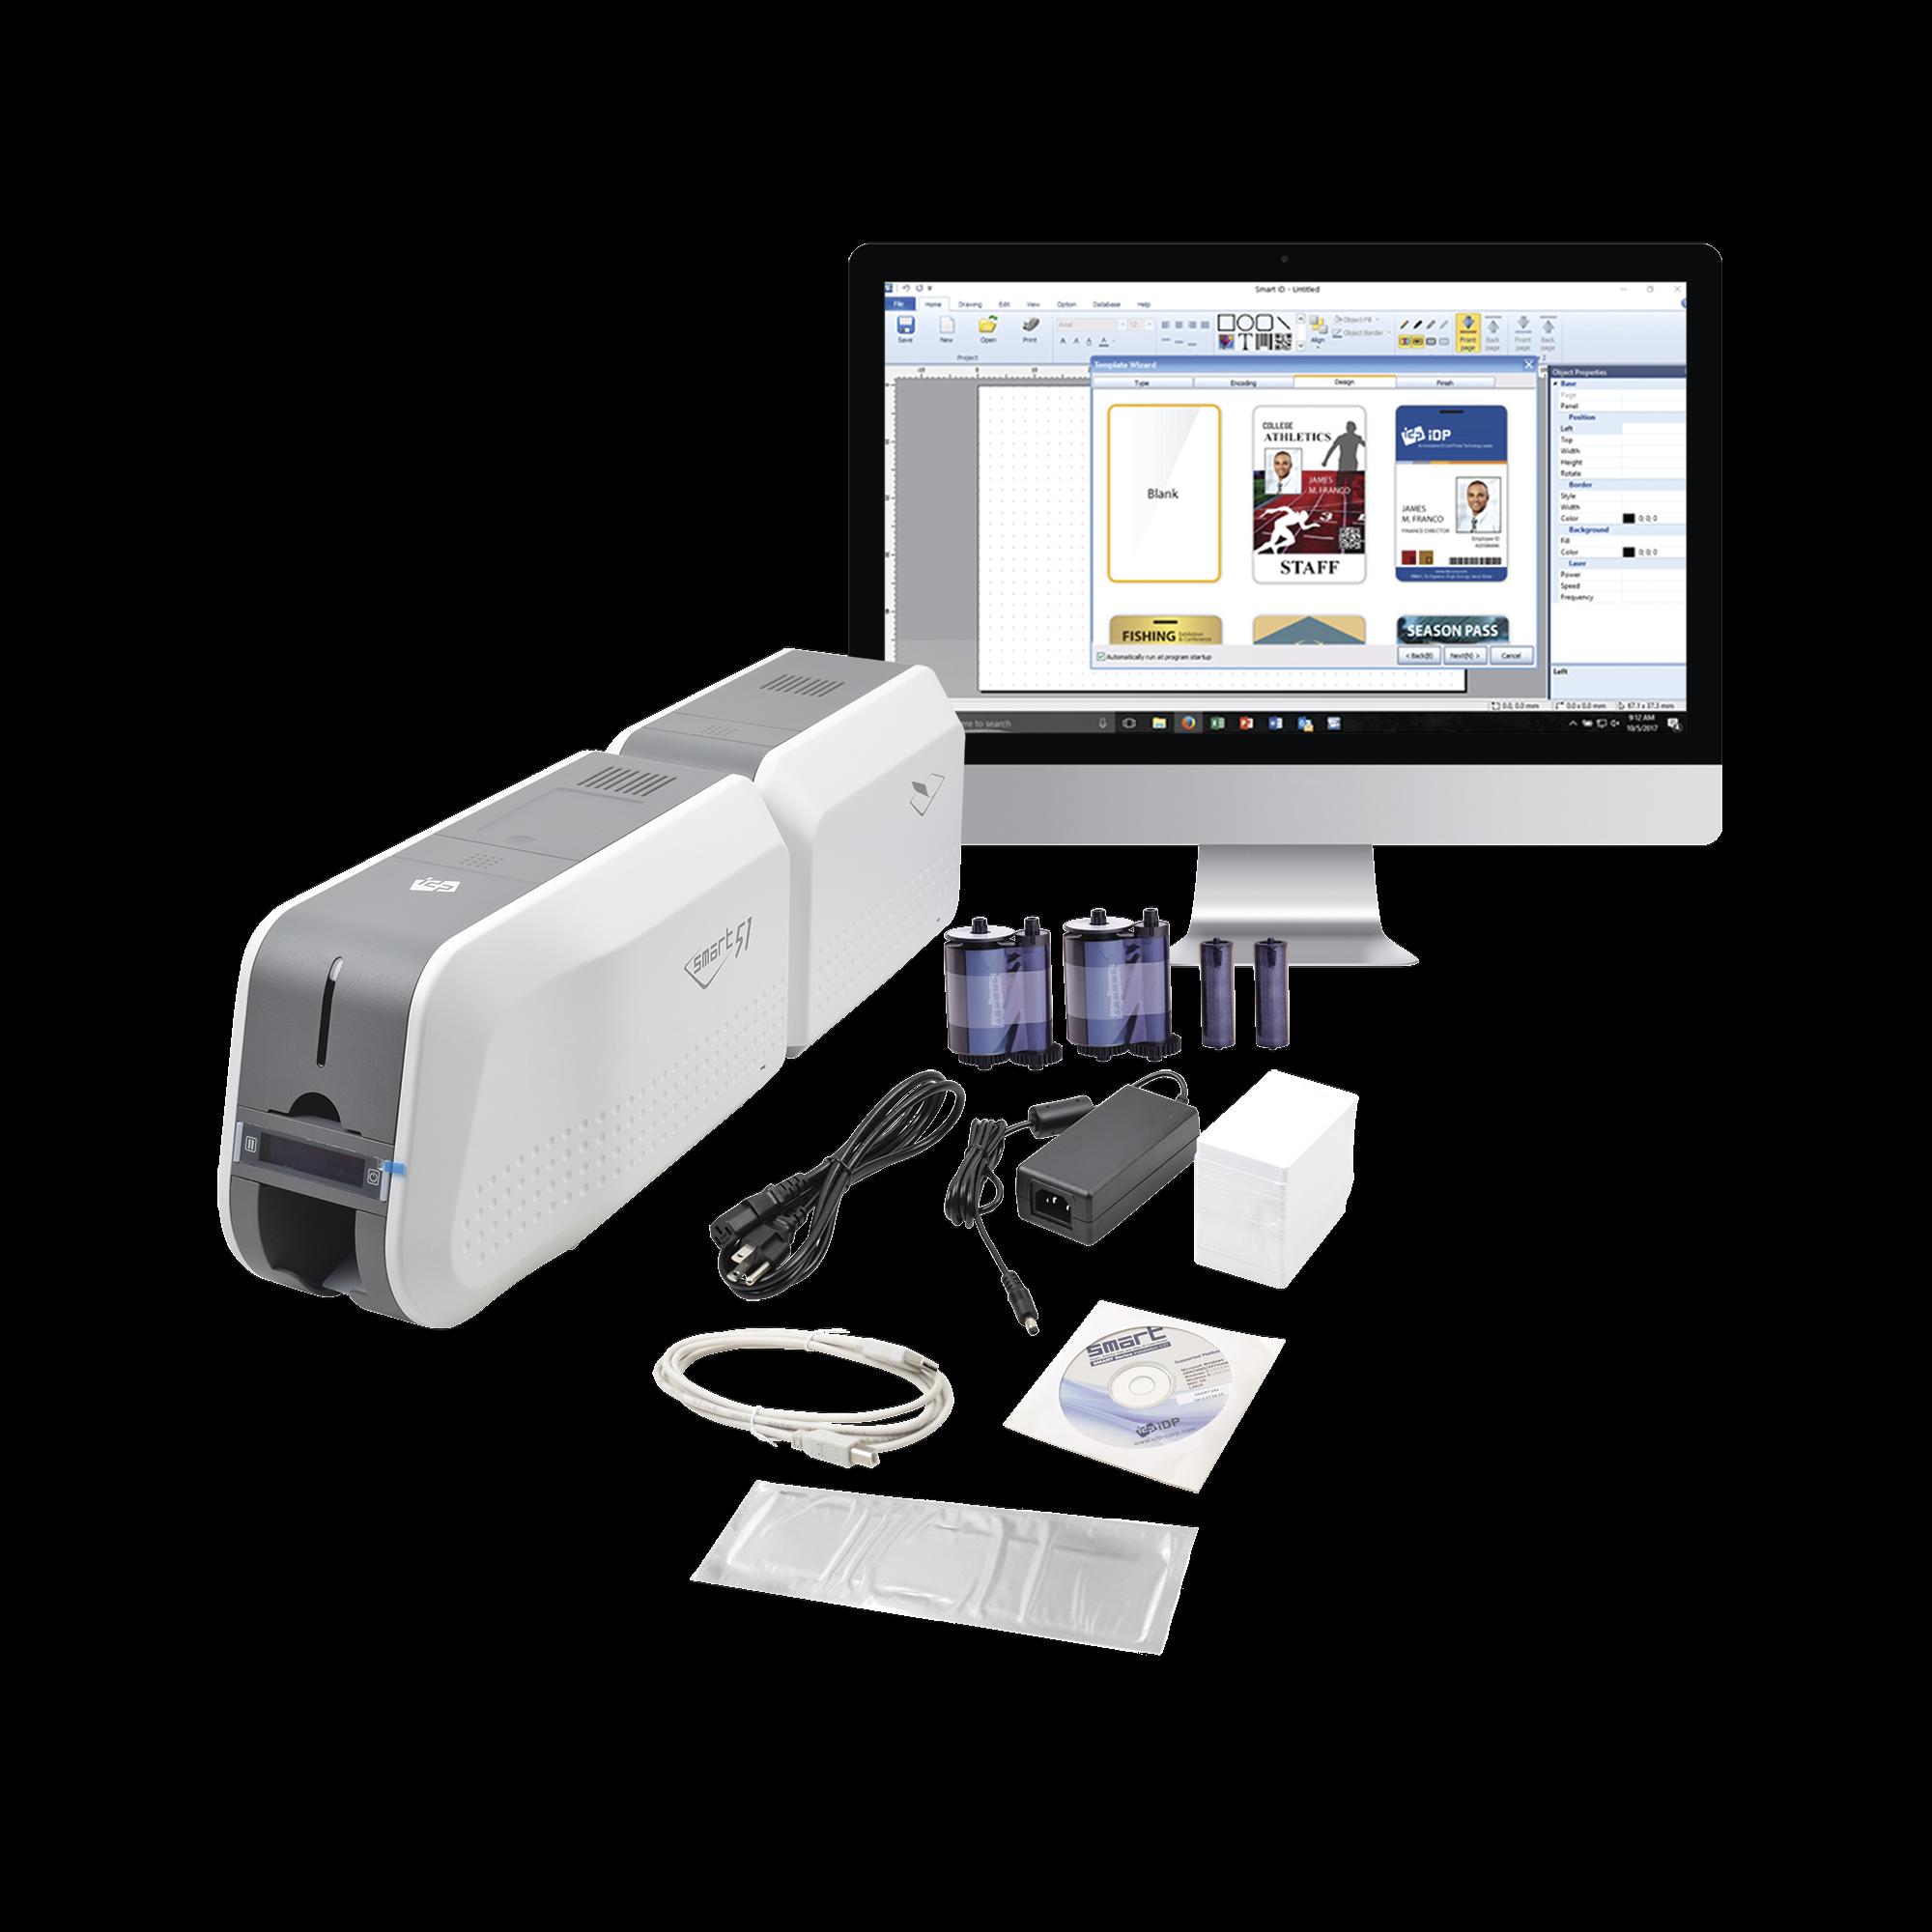 Kit Impresora SMART51L / Con Laminador /DOBLE Lado/3 Años Garantia / Incluye 2 x  RibbonColor / 100 tarjetas PVC/ 1 Cinta de Limpieza/ Software